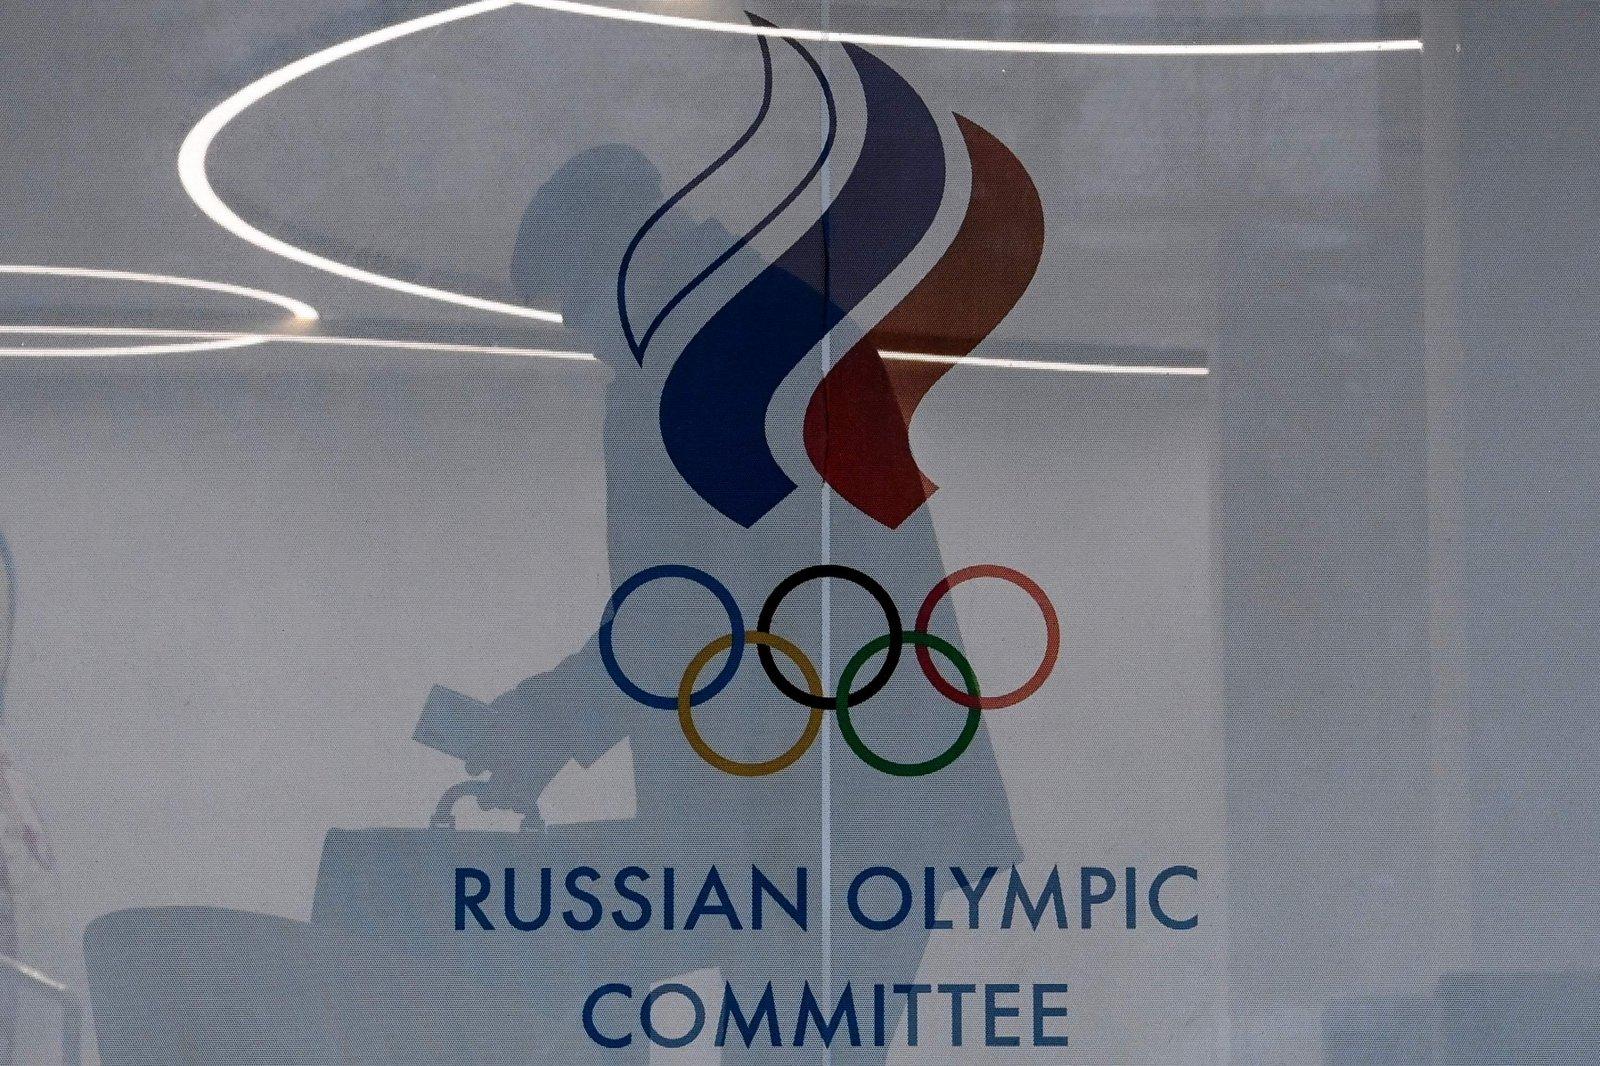 Rusijos diskvalifikacija sutrumpinta, tačiau ji praleis praleis artimiausias olimpines žaidynes - DELFI Sportas